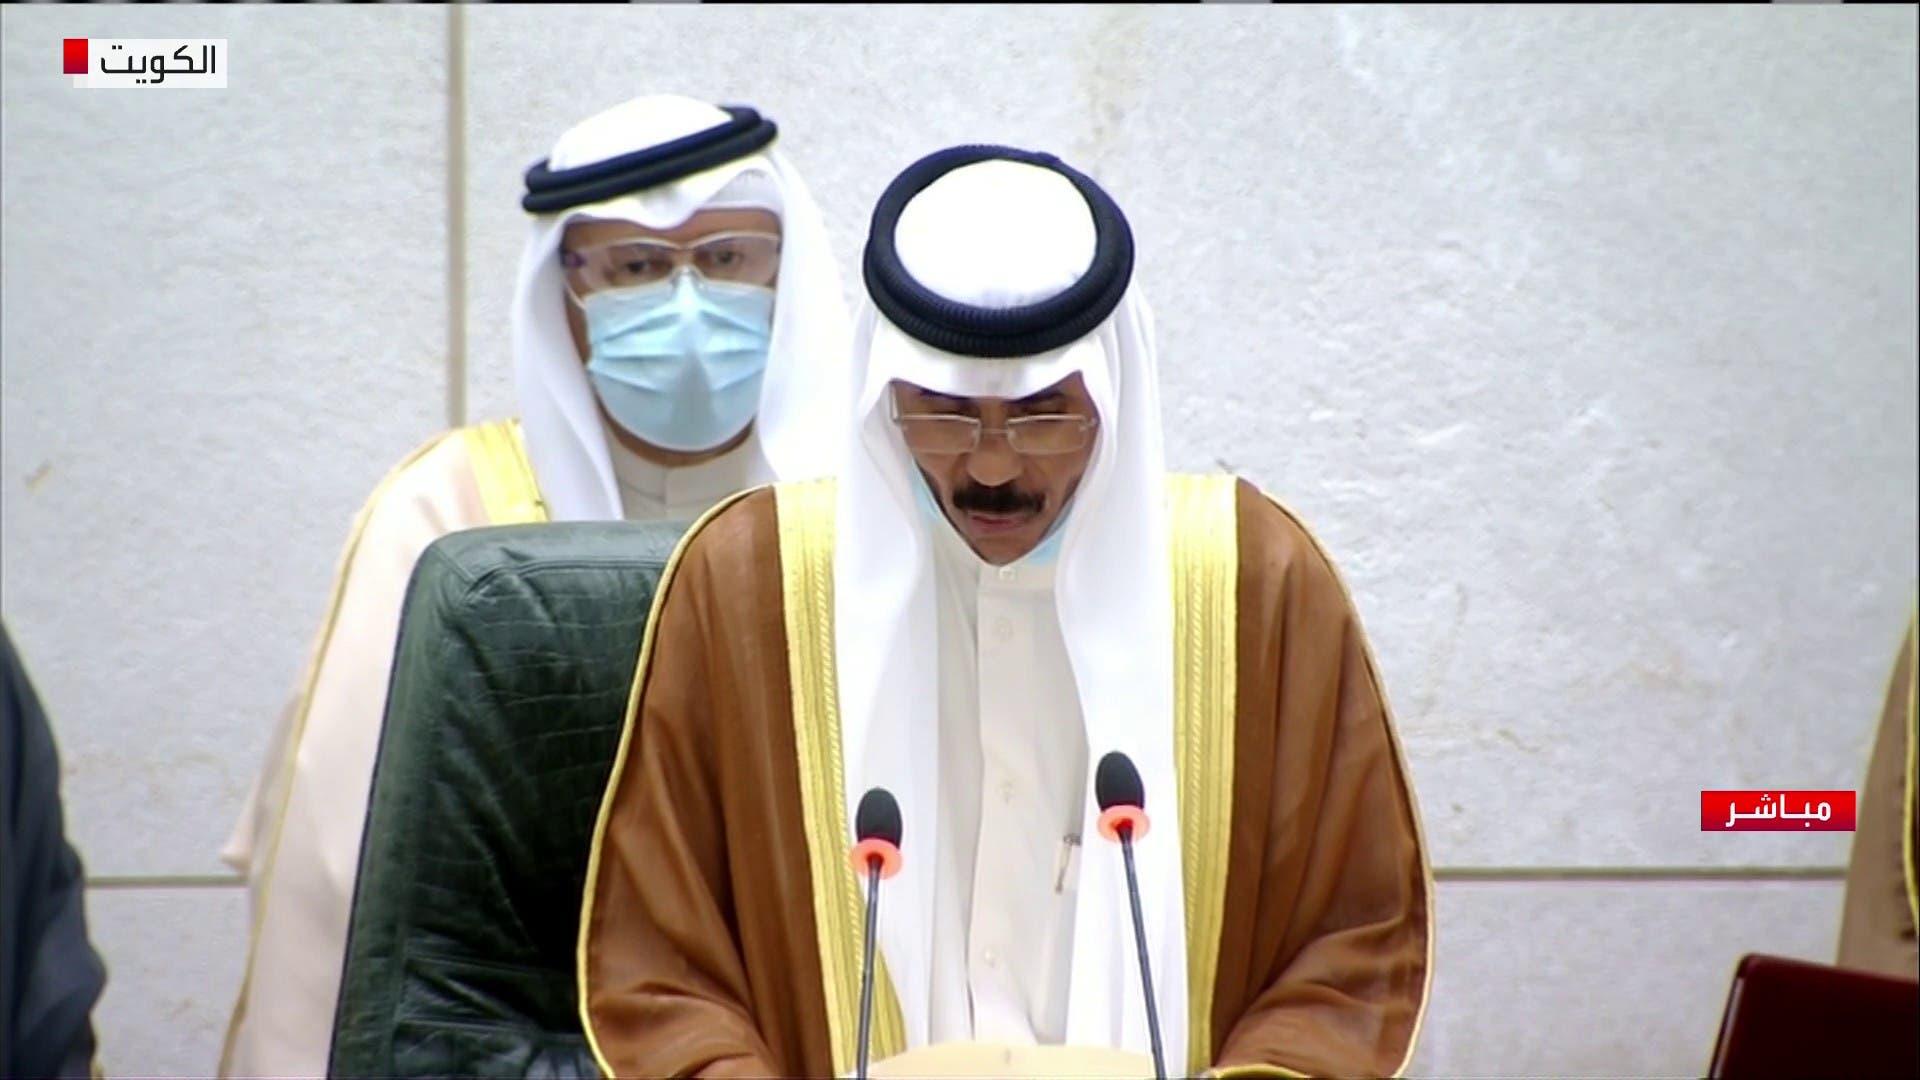 الشيخ نواف يؤدي اليمين الدستورية